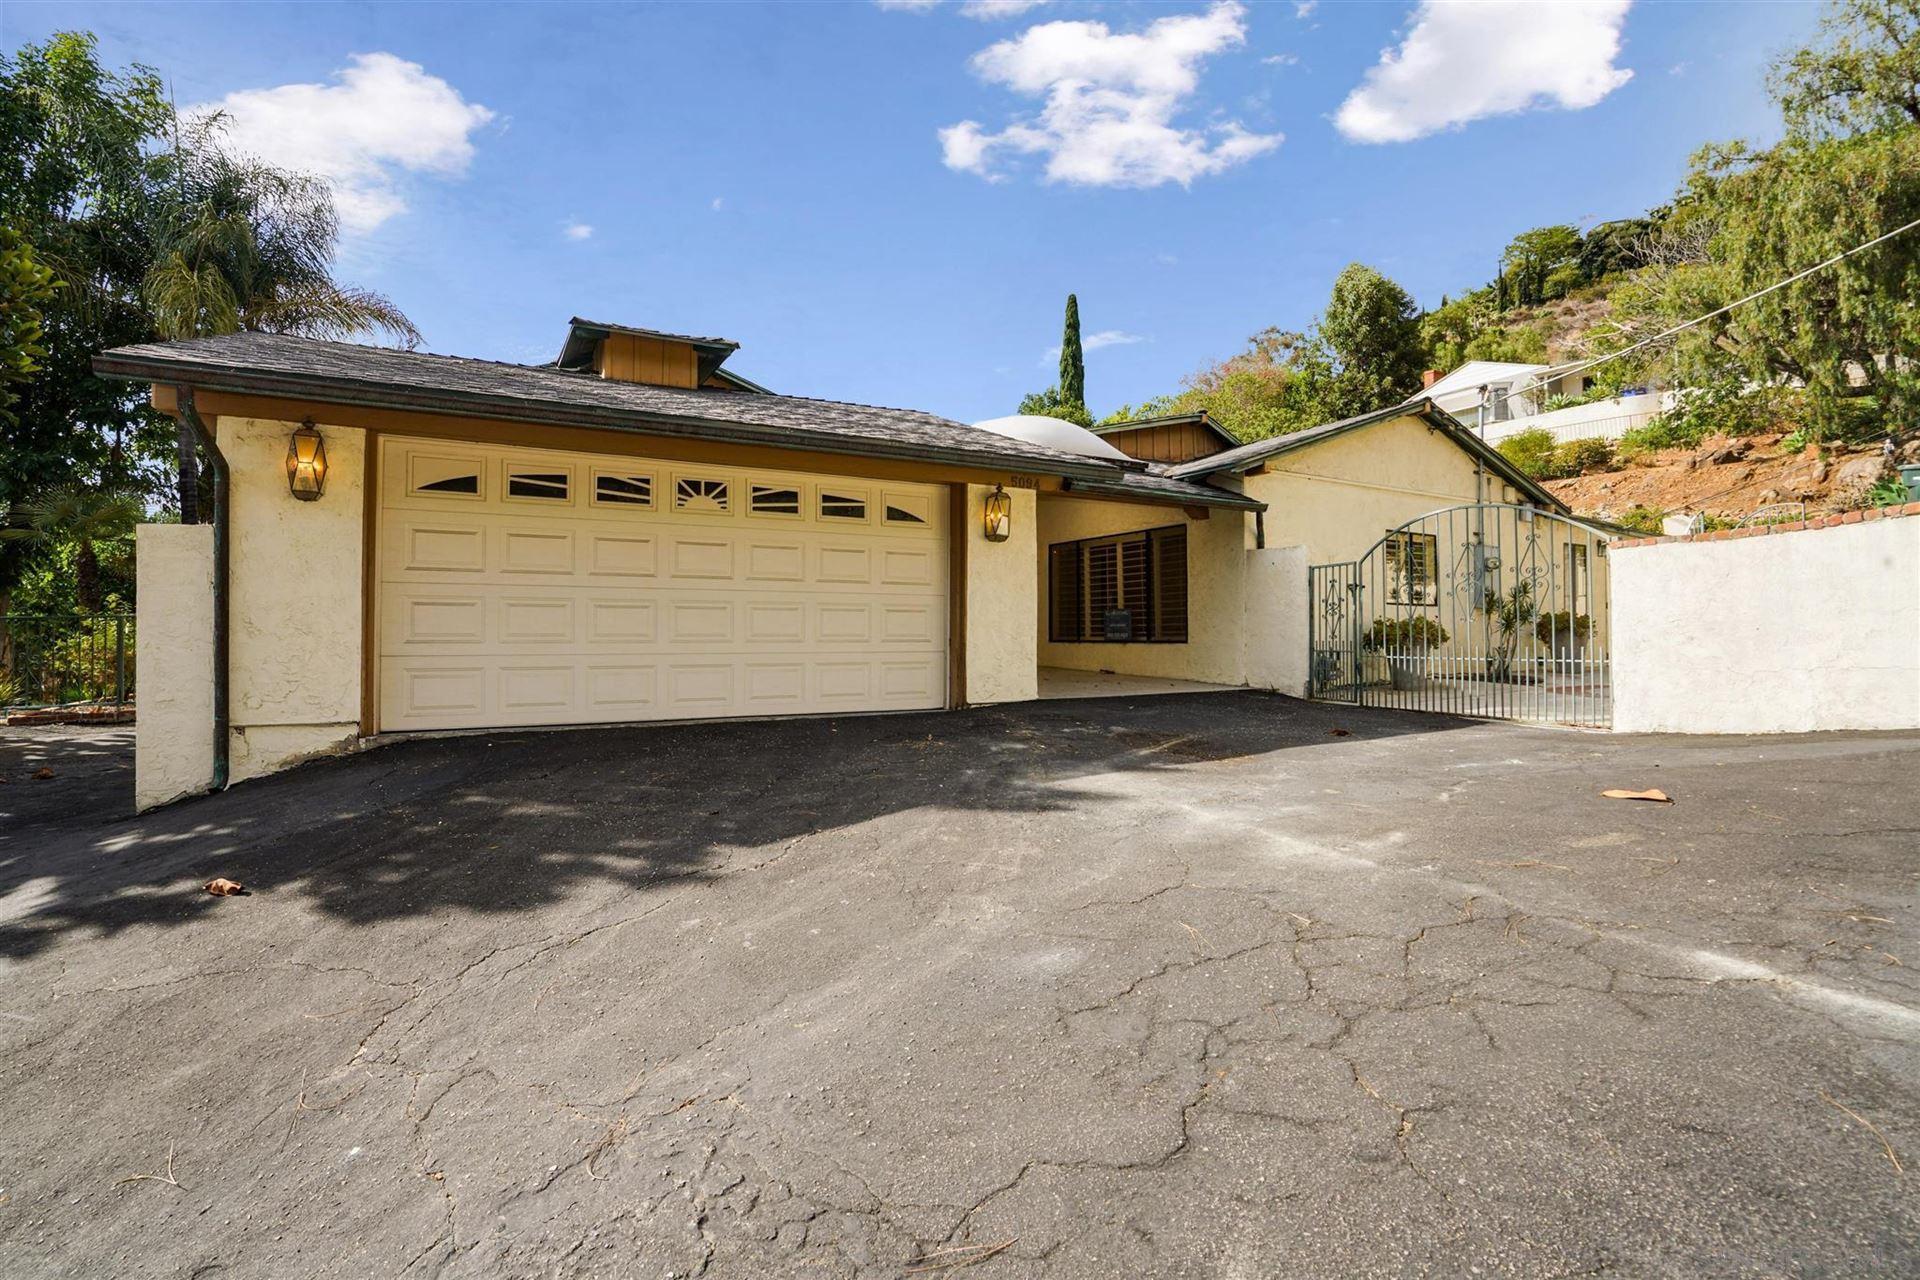 Photo of 5094 Mesa Ter, La Mesa, CA 91941 (MLS # 210020812)